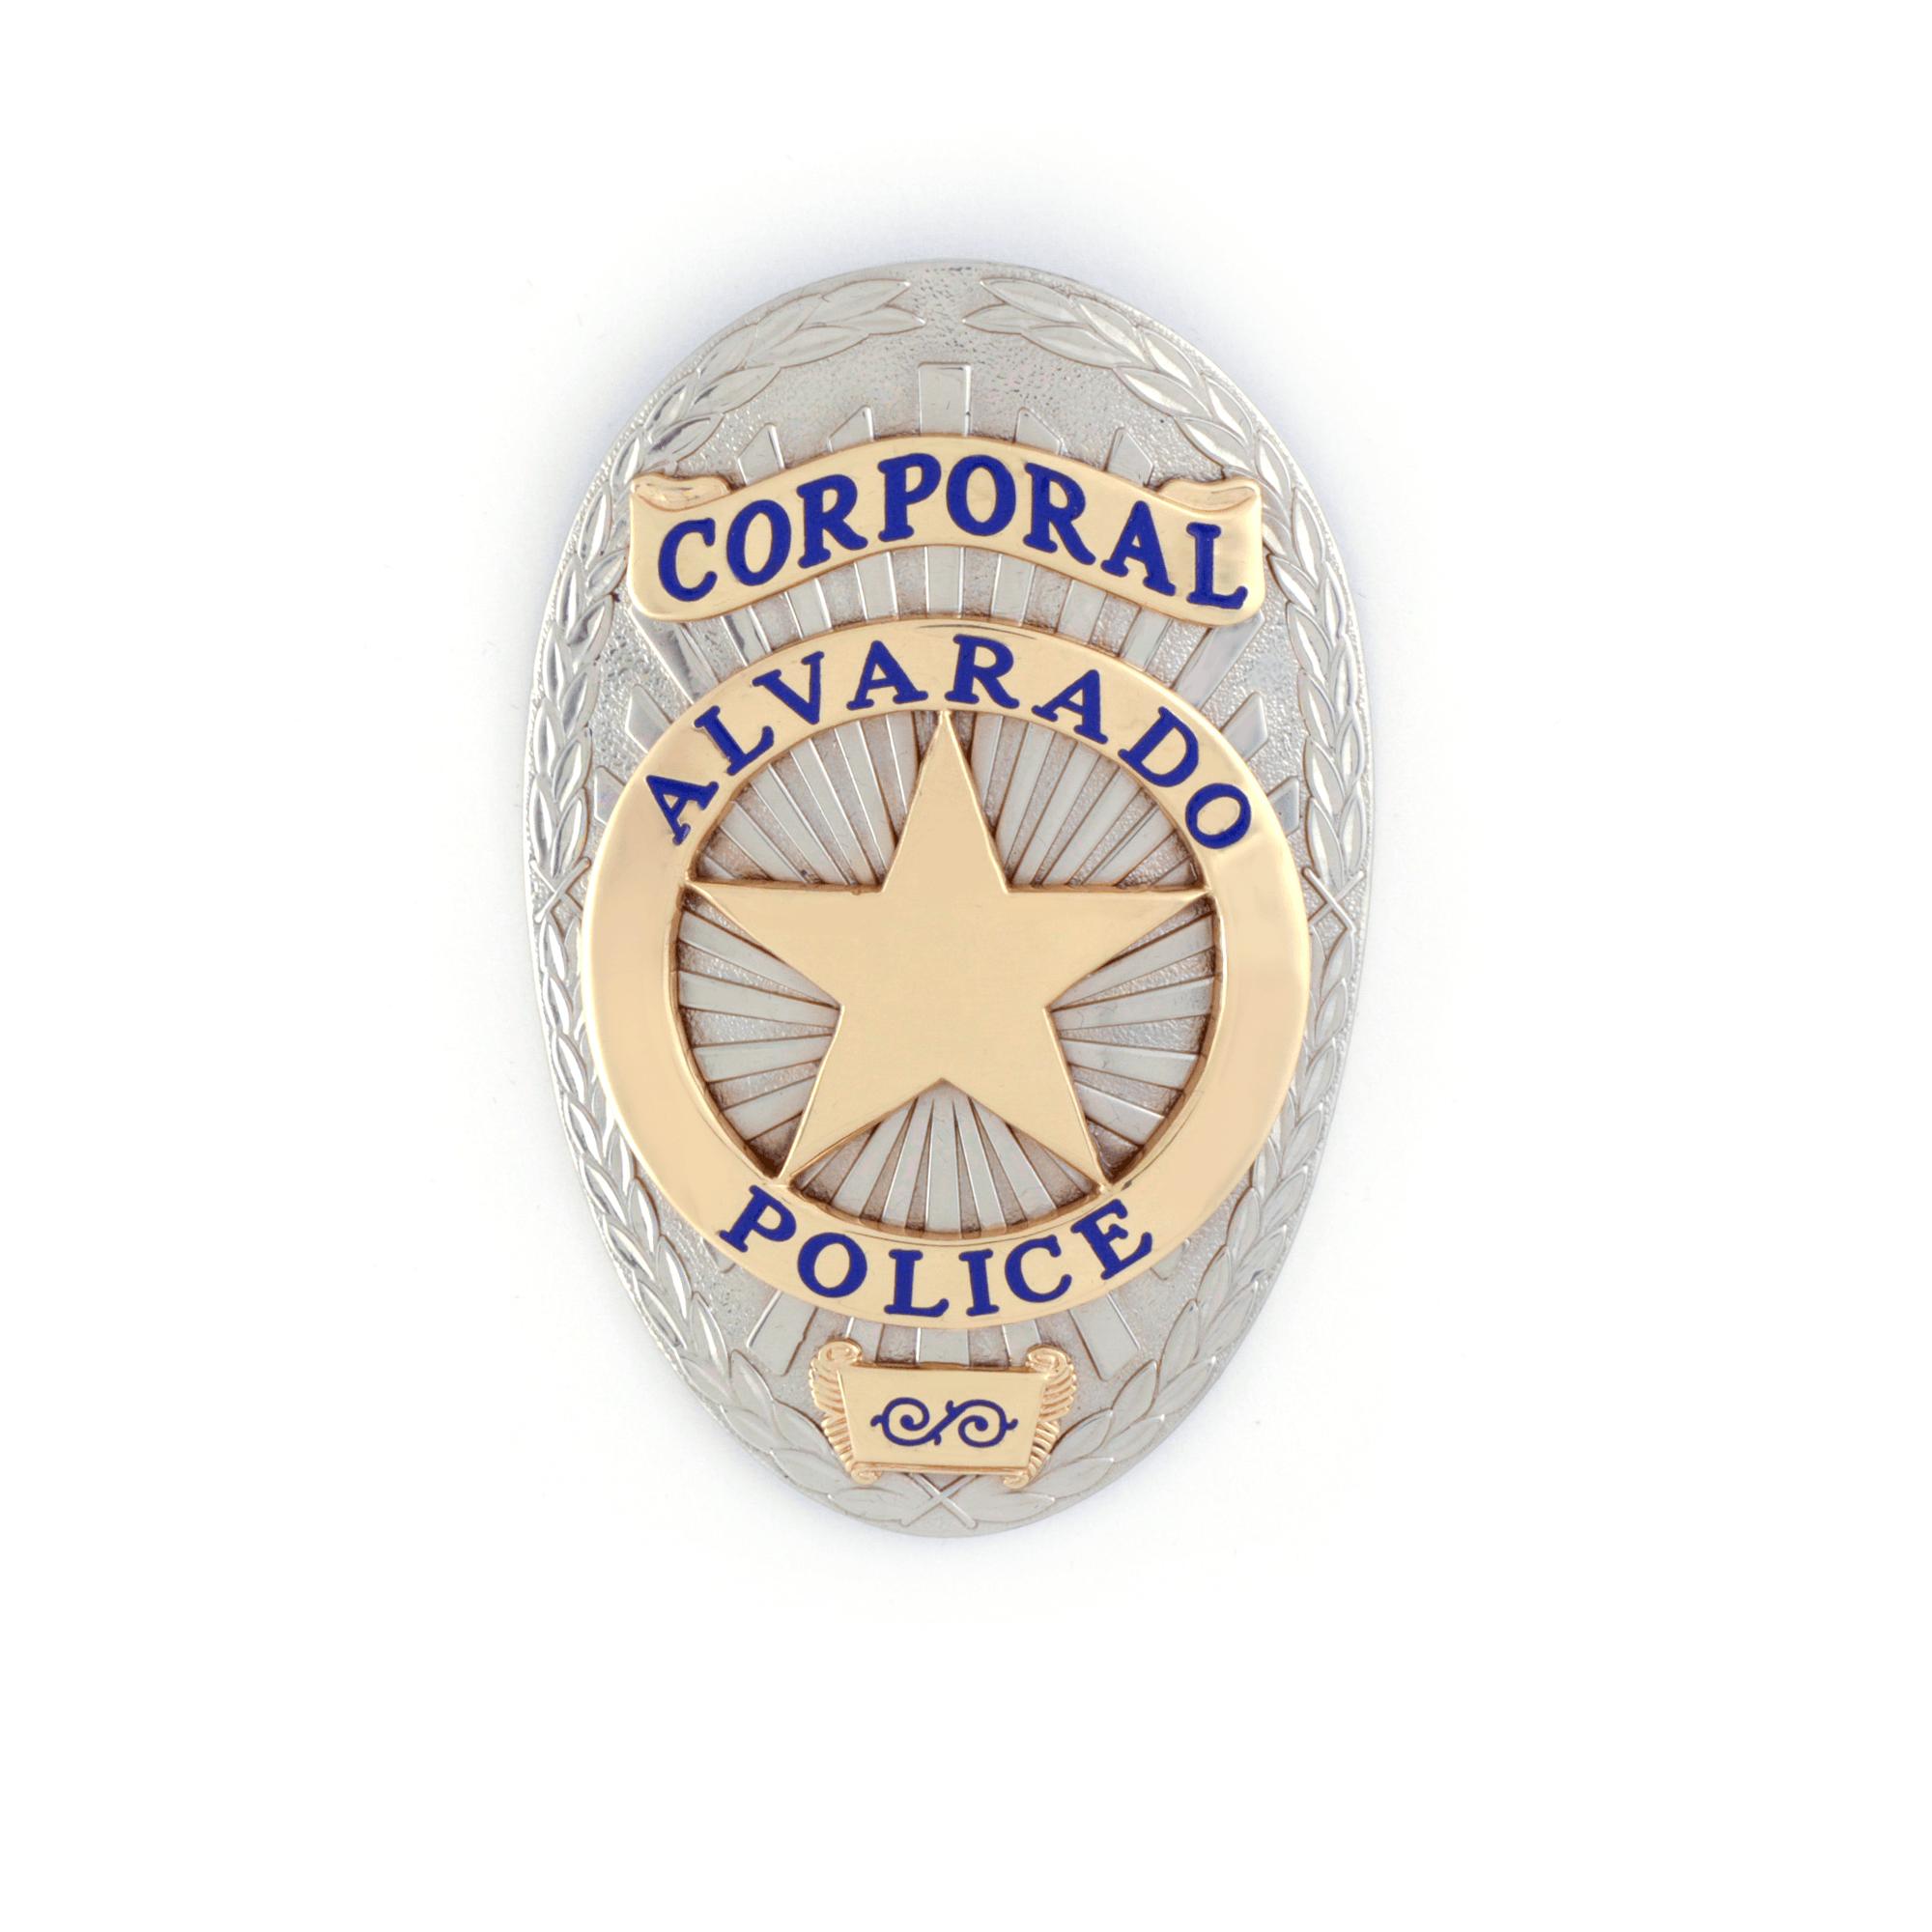 8-CorporalAlvaradoPolice180443.png